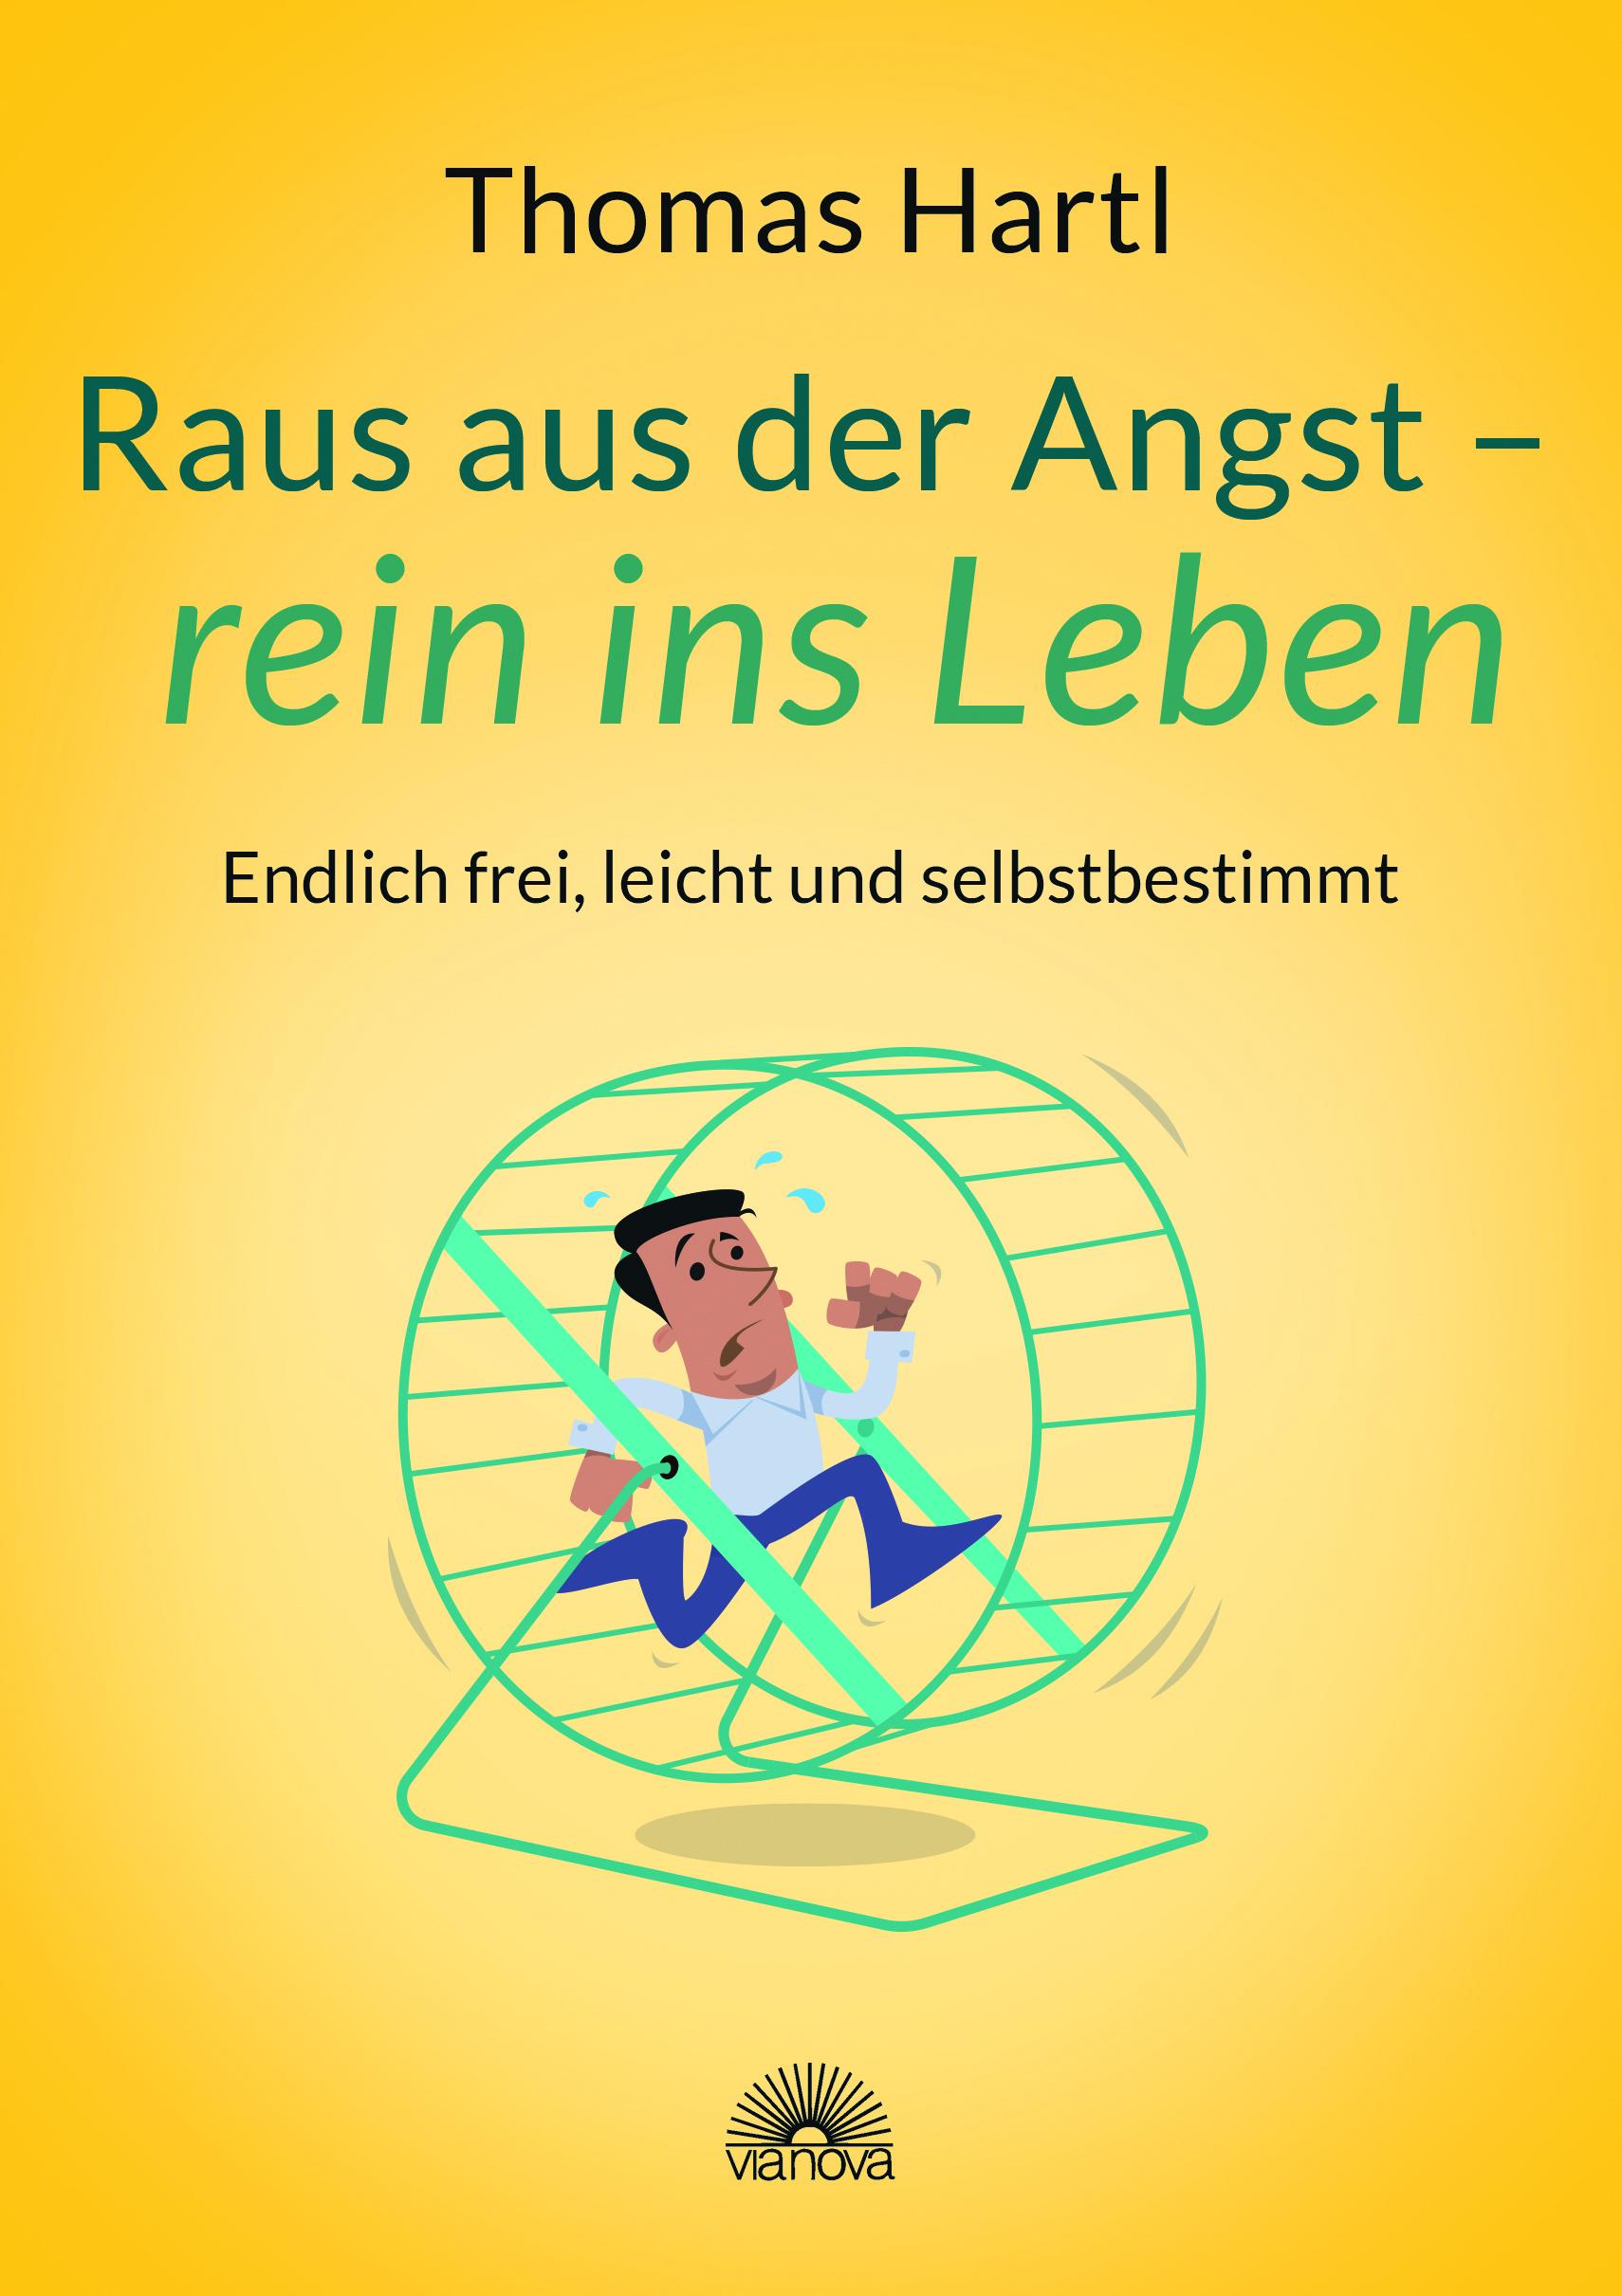 cover-hartl_raus-aus-der-angst-rein-ins-leben-gross